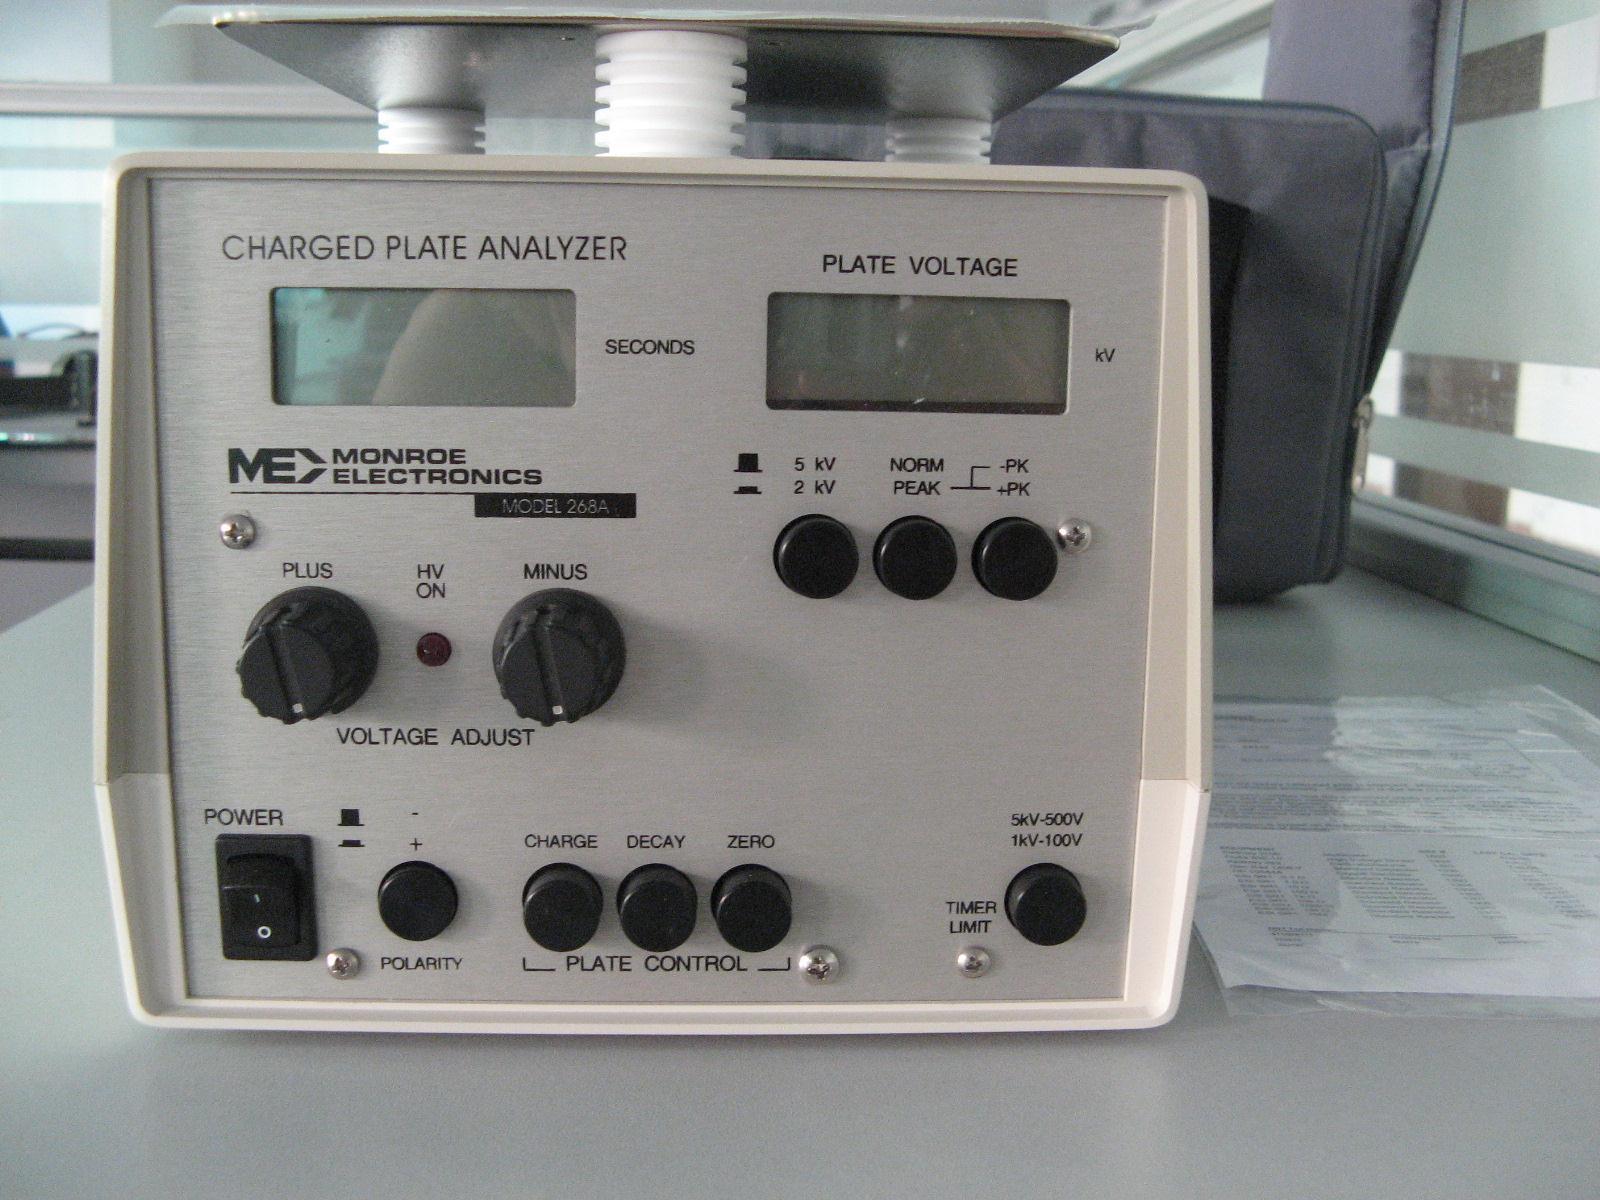 Monroe ME-268A平版式静电测试仪(产地美国)